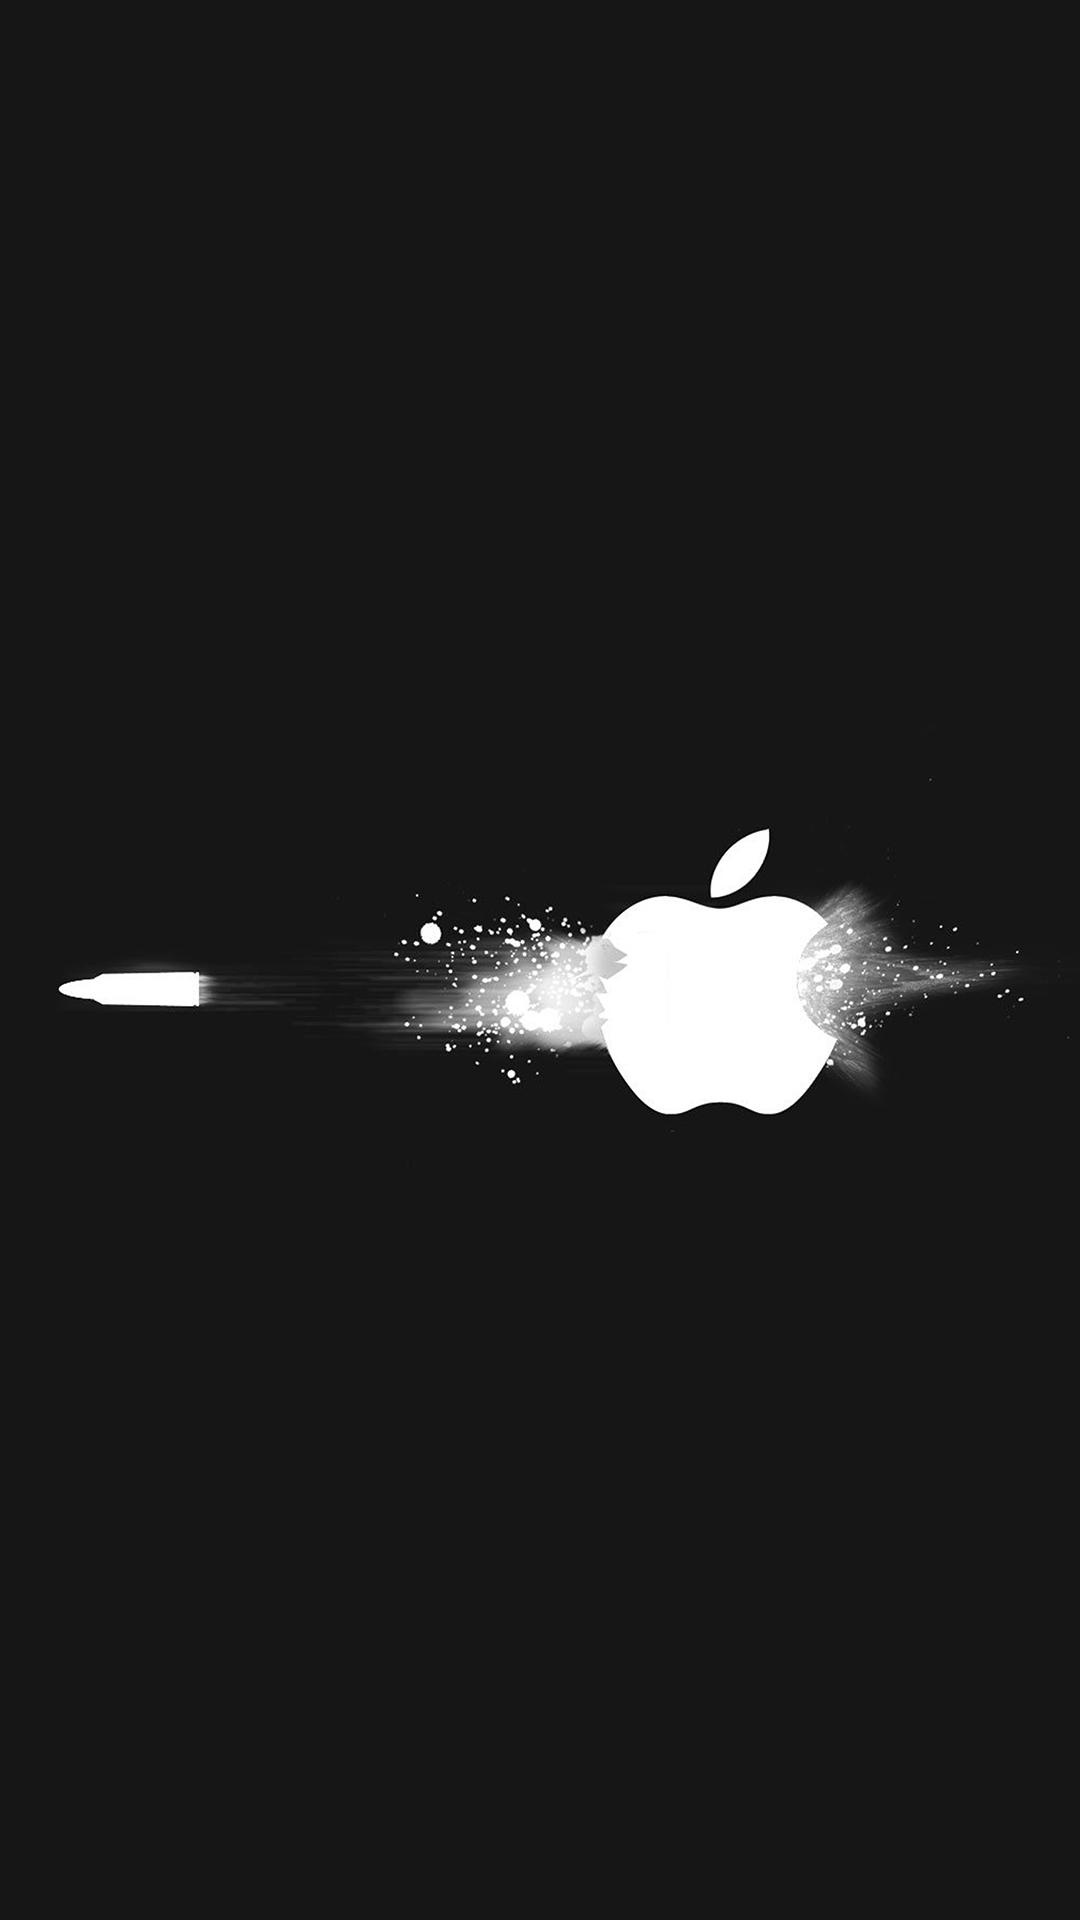 苹果logo 简约 创意 苹果手机高清壁纸 1080x1920